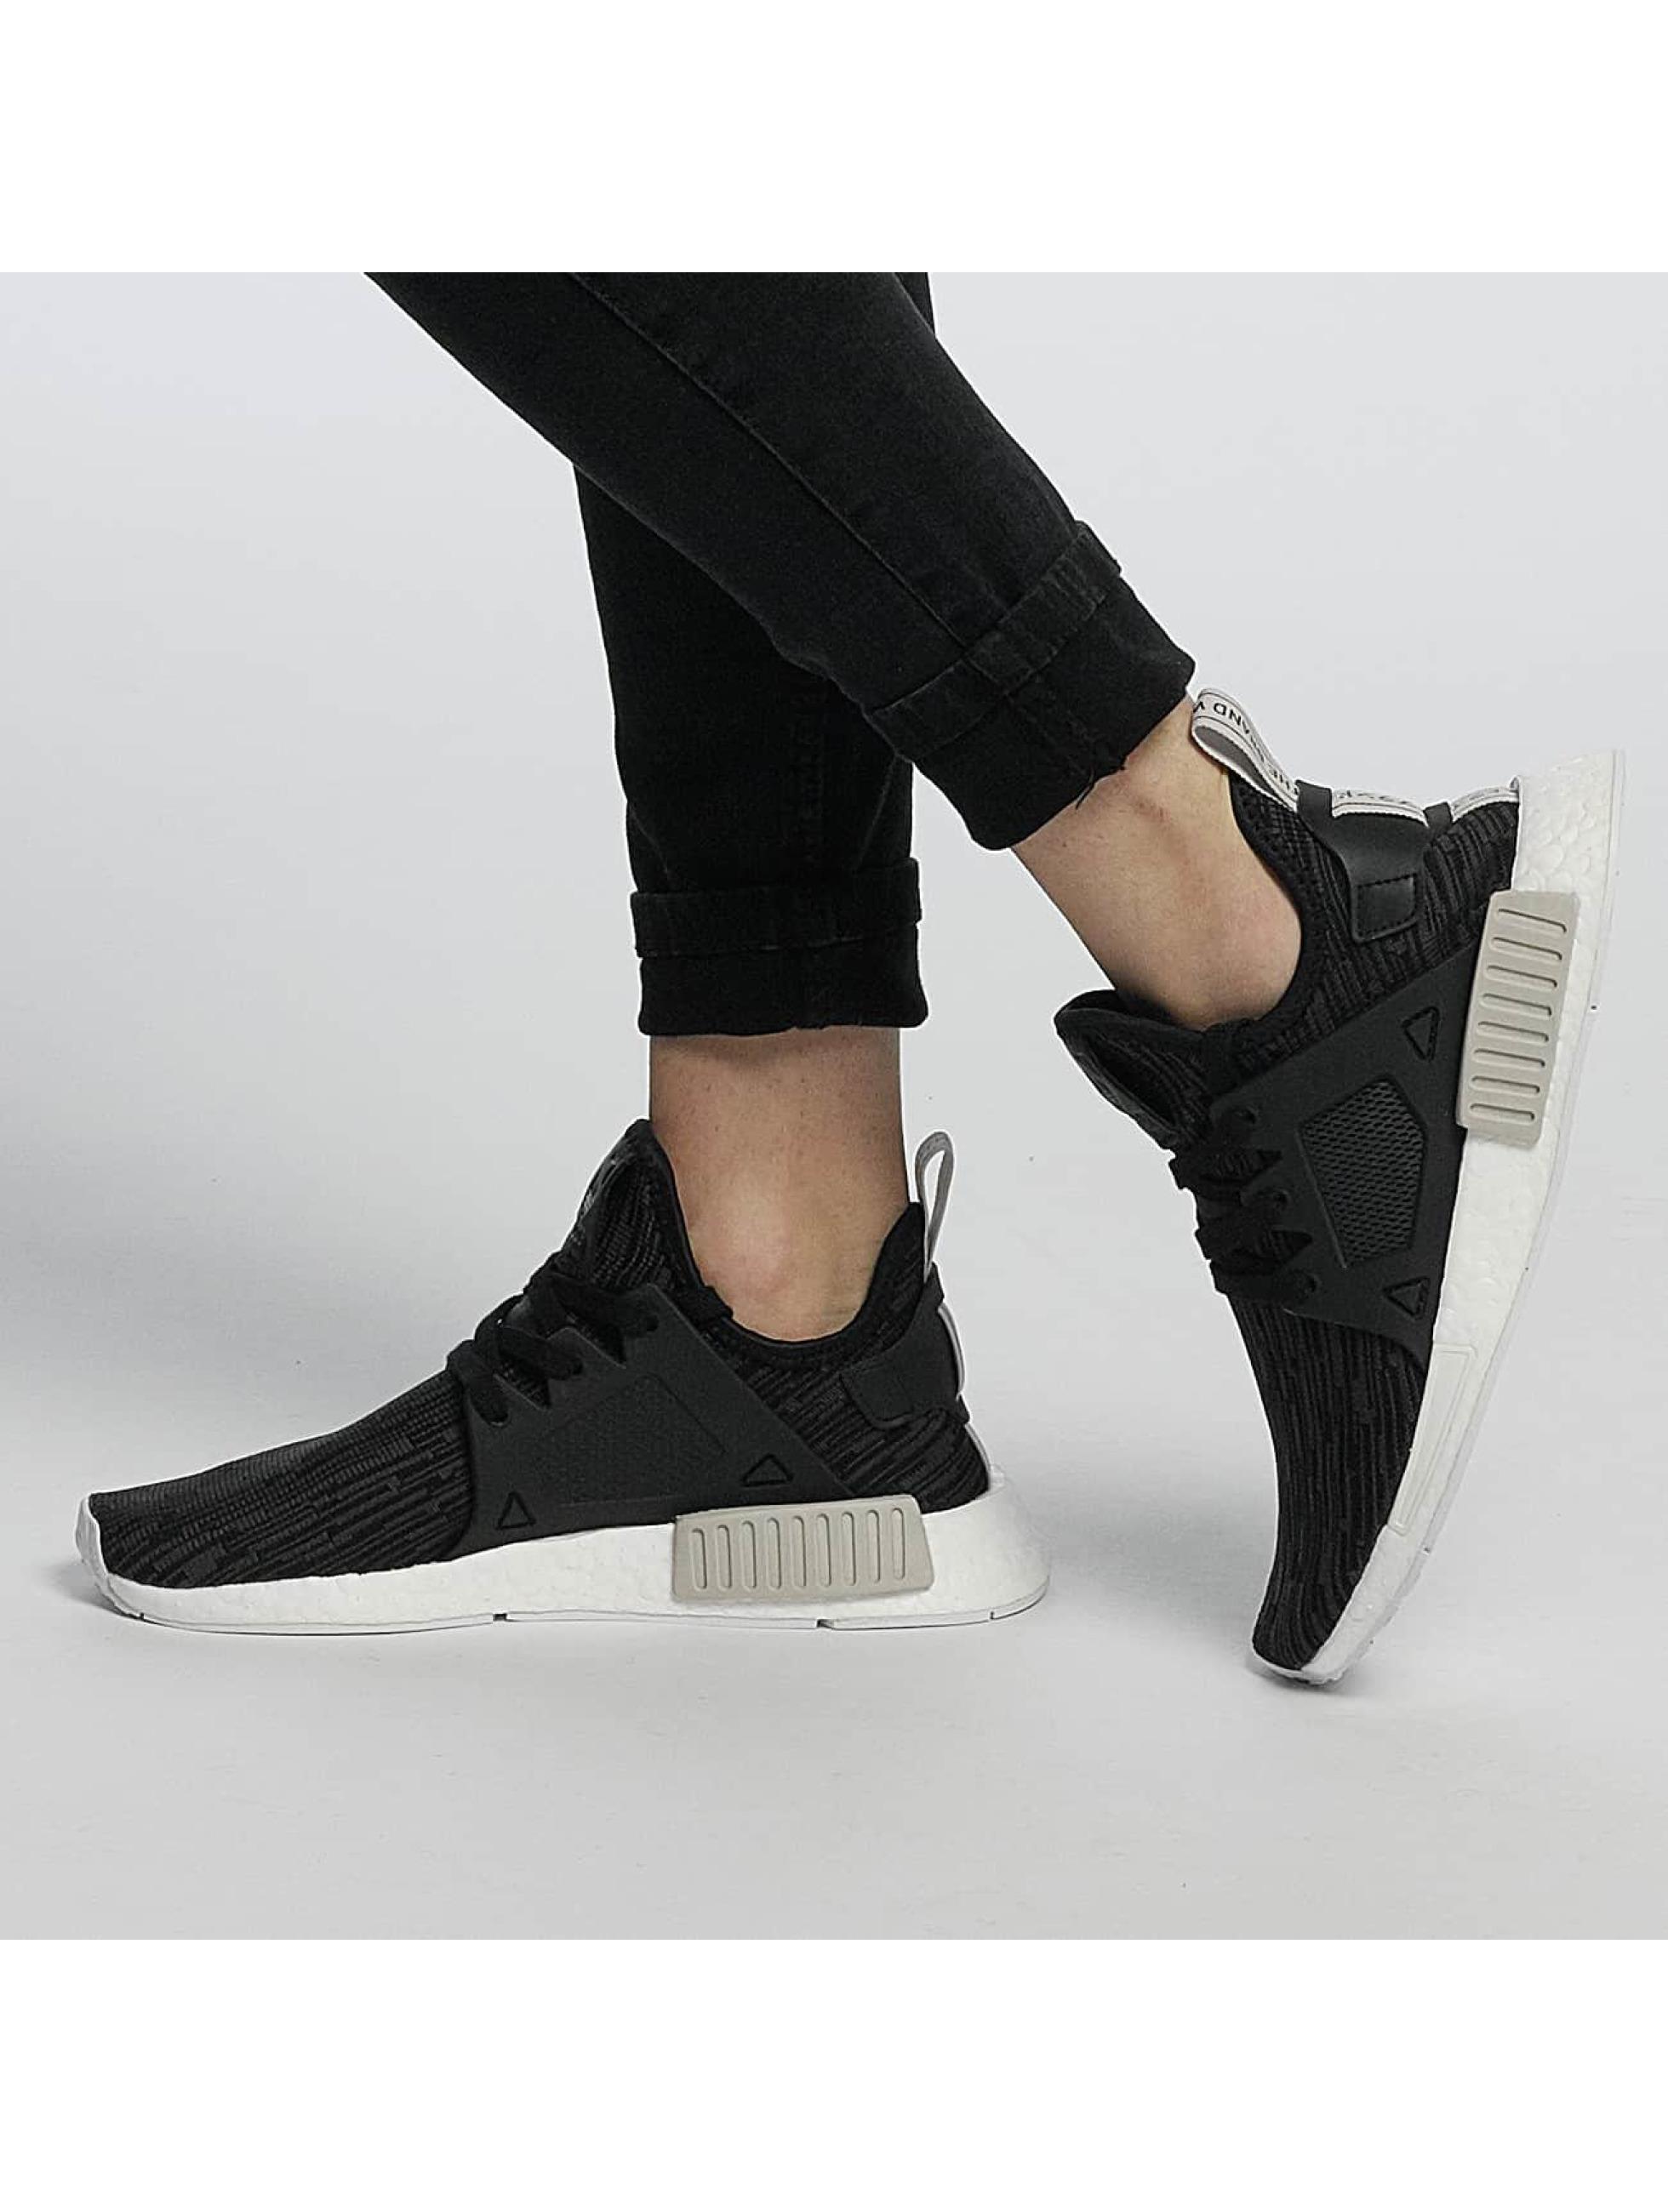 Sneaker NMD XR1 Primeknit in schwarz